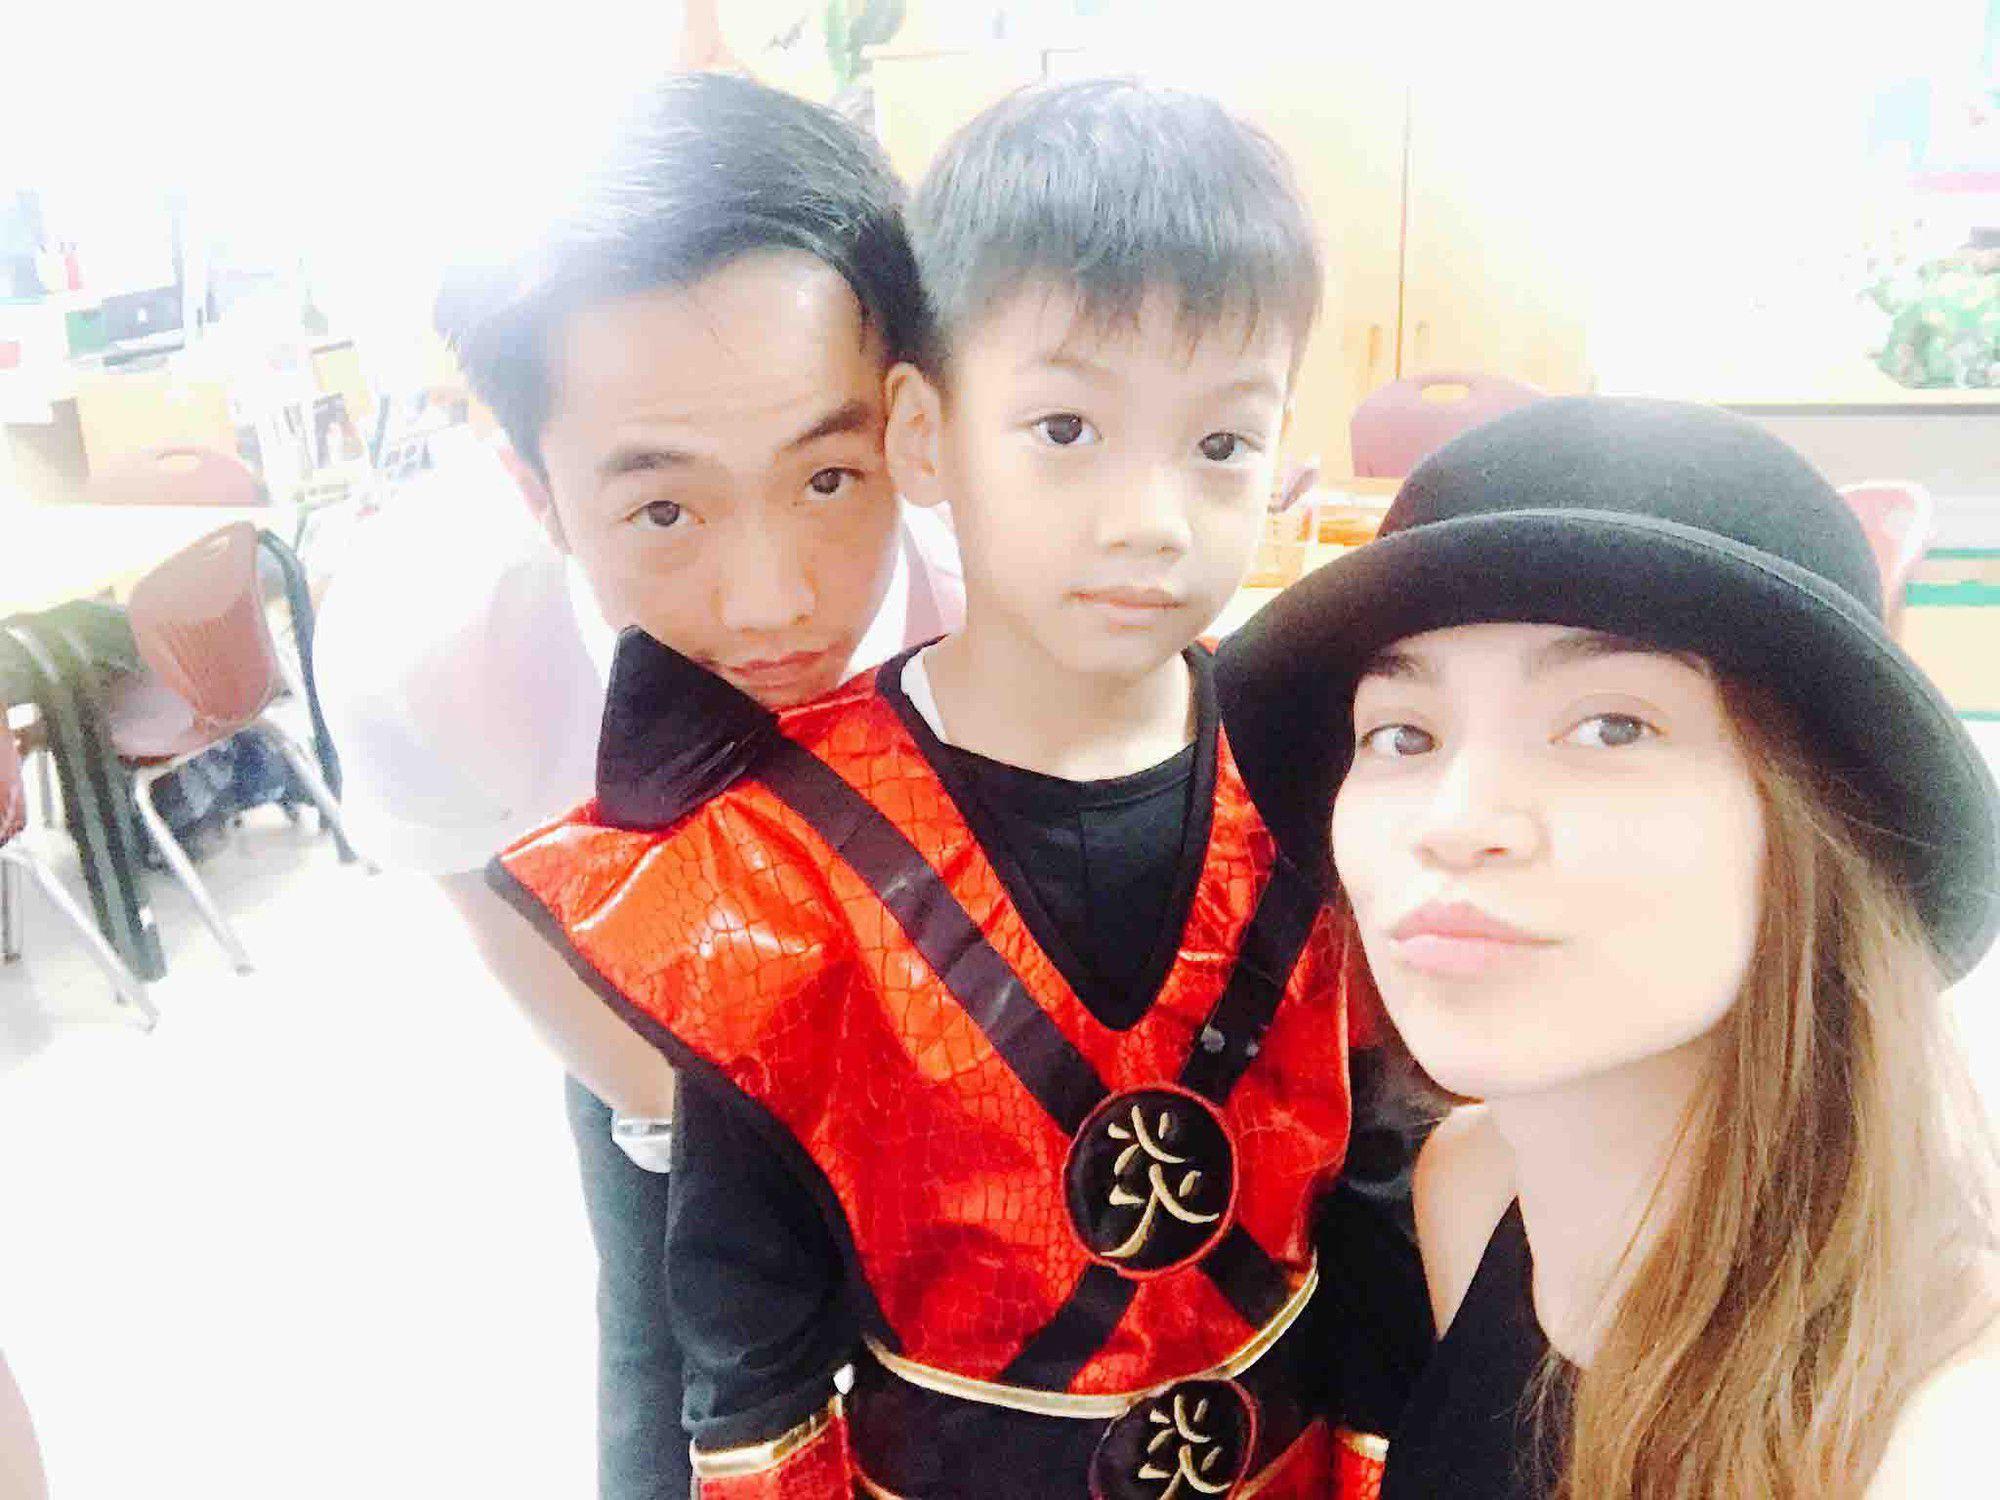 Hồ Ngọc Hà cũng không chịu kém cạnh Cường Đô La sau 4 năm ly hôn 1